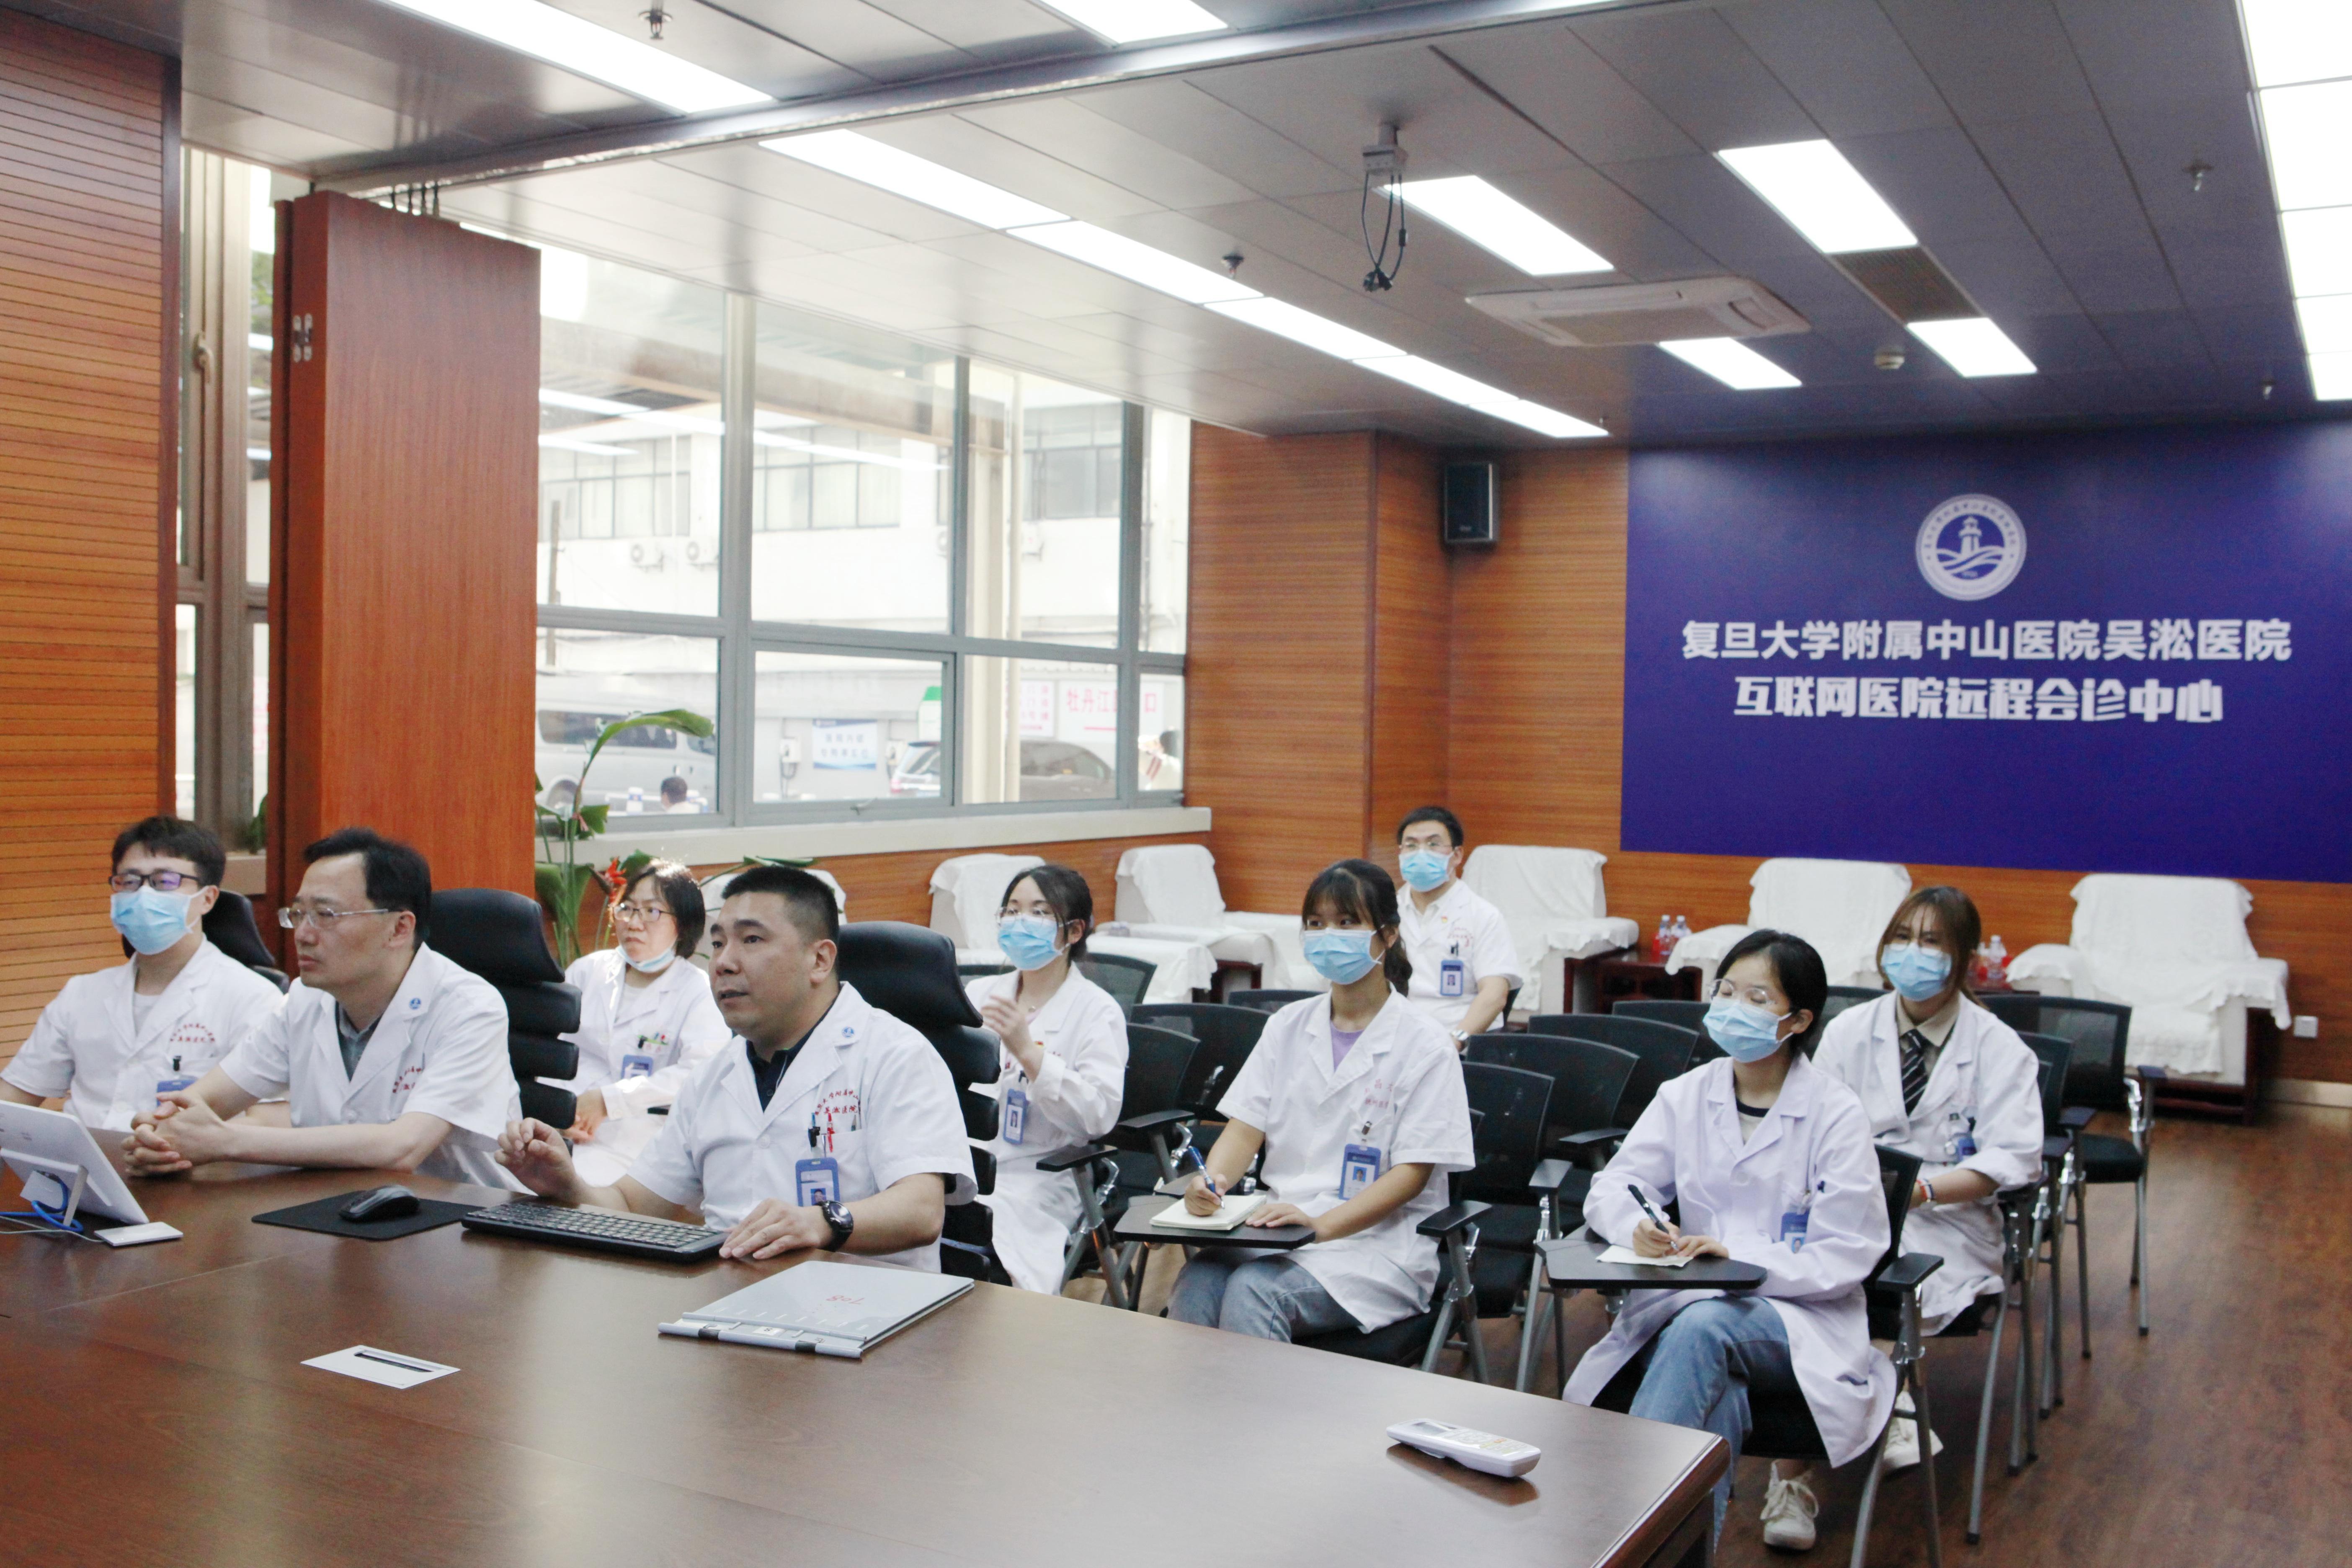 06 吴淞医院和中山医院已借助互联网医院平台开展多例多学科会诊2.jpg